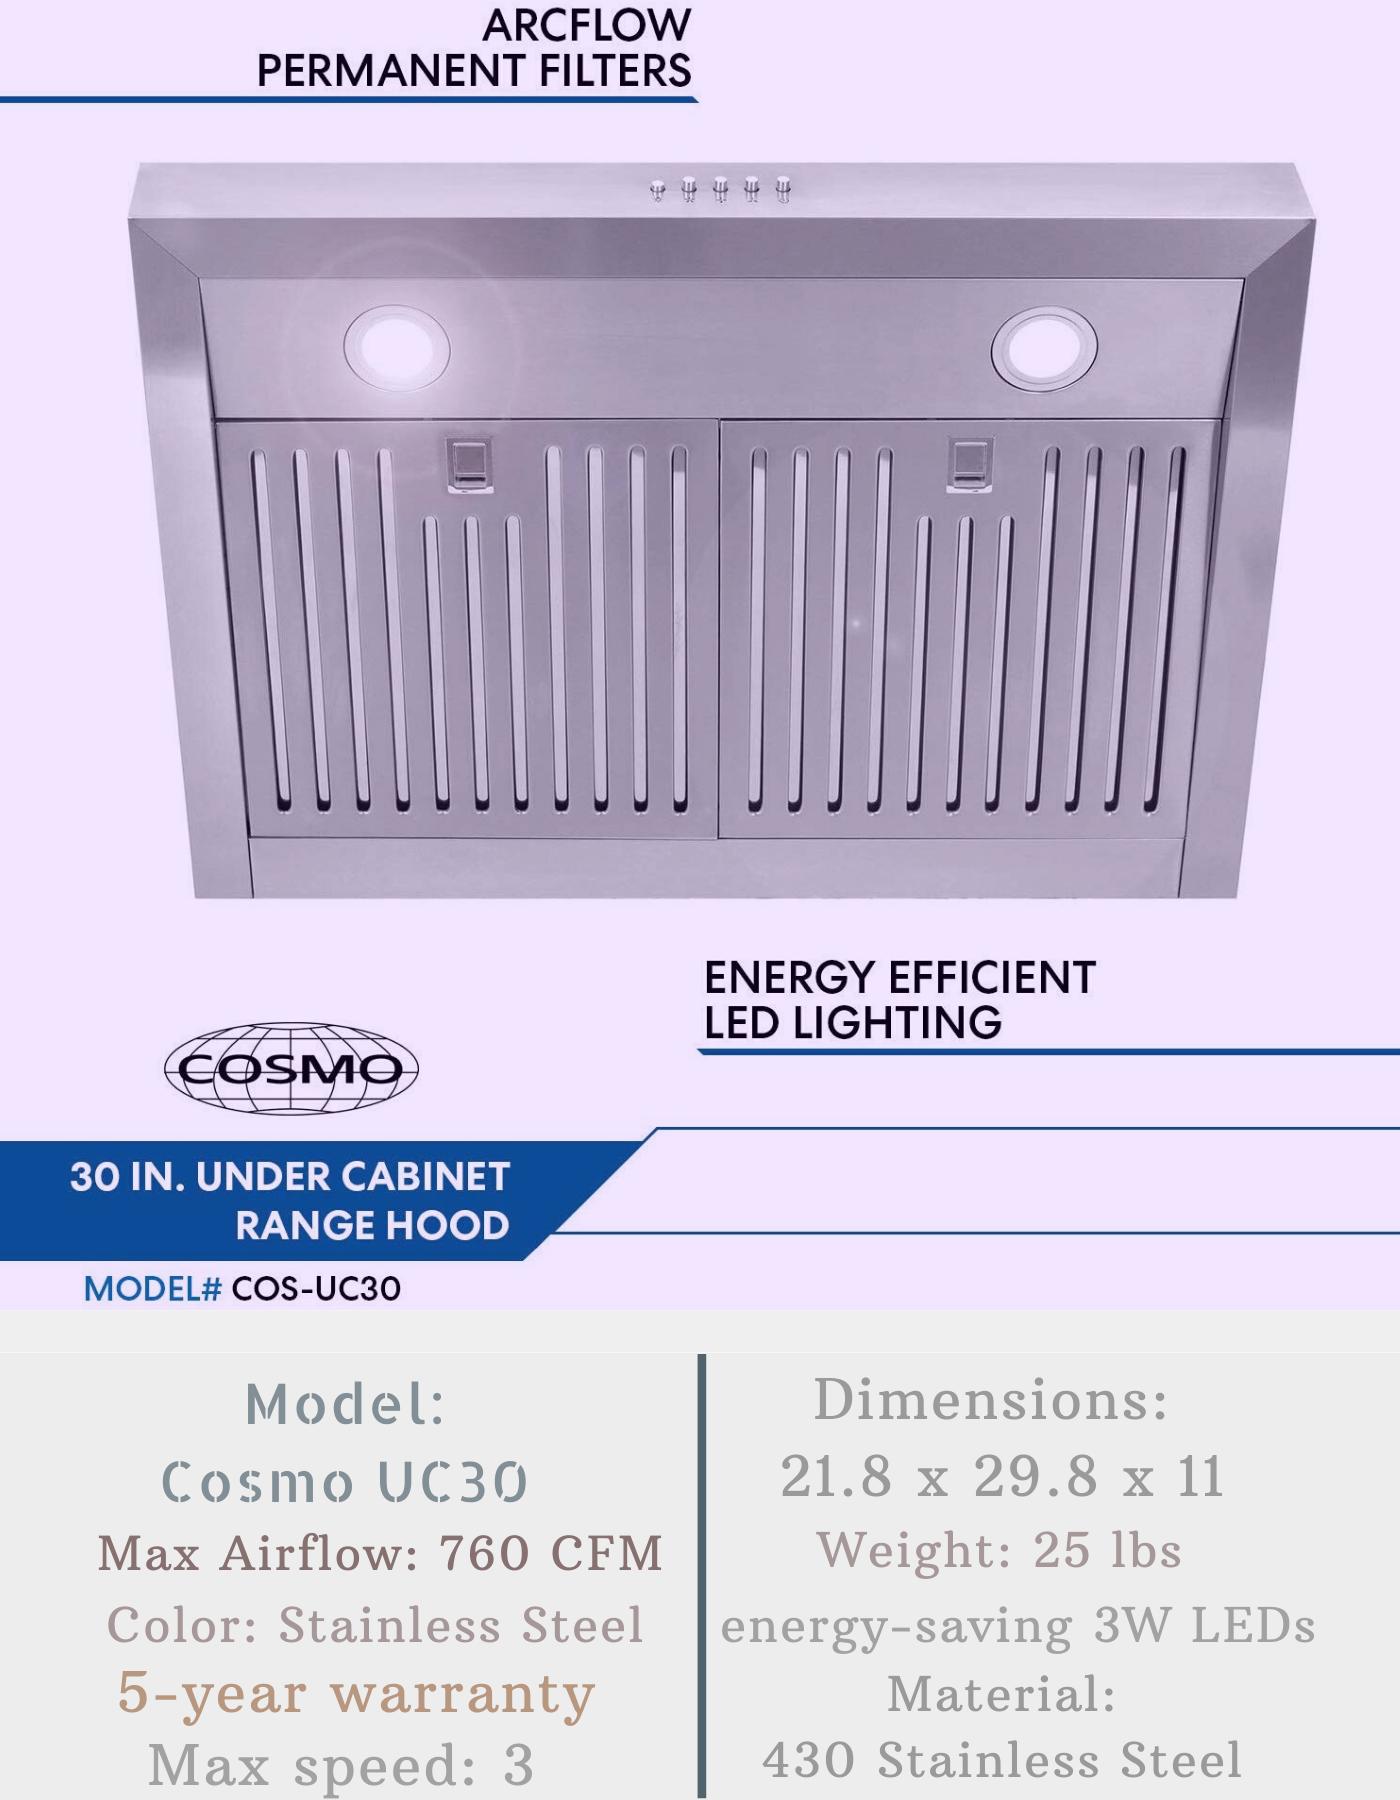 Cosmo Uc30 Cabinet Range Hood Ductless Range Hood Range Hood Reviews Range Hood